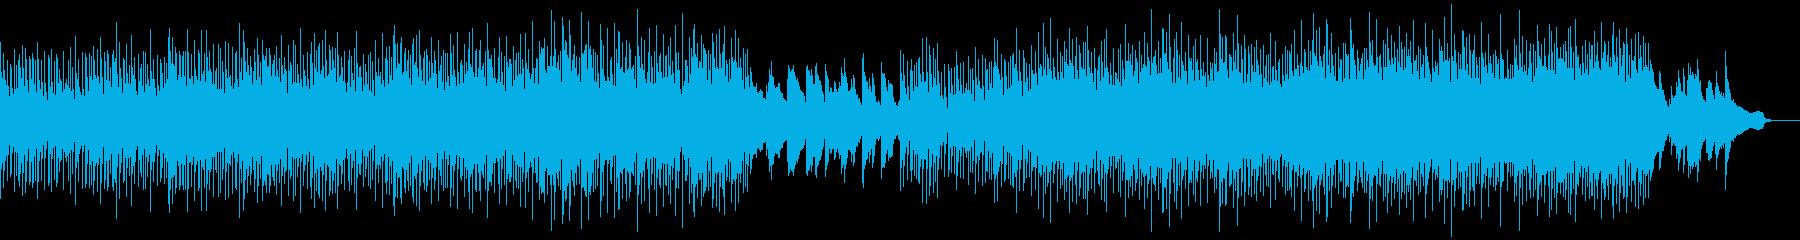 シックで落ち着いた雰囲気の曲の再生済みの波形